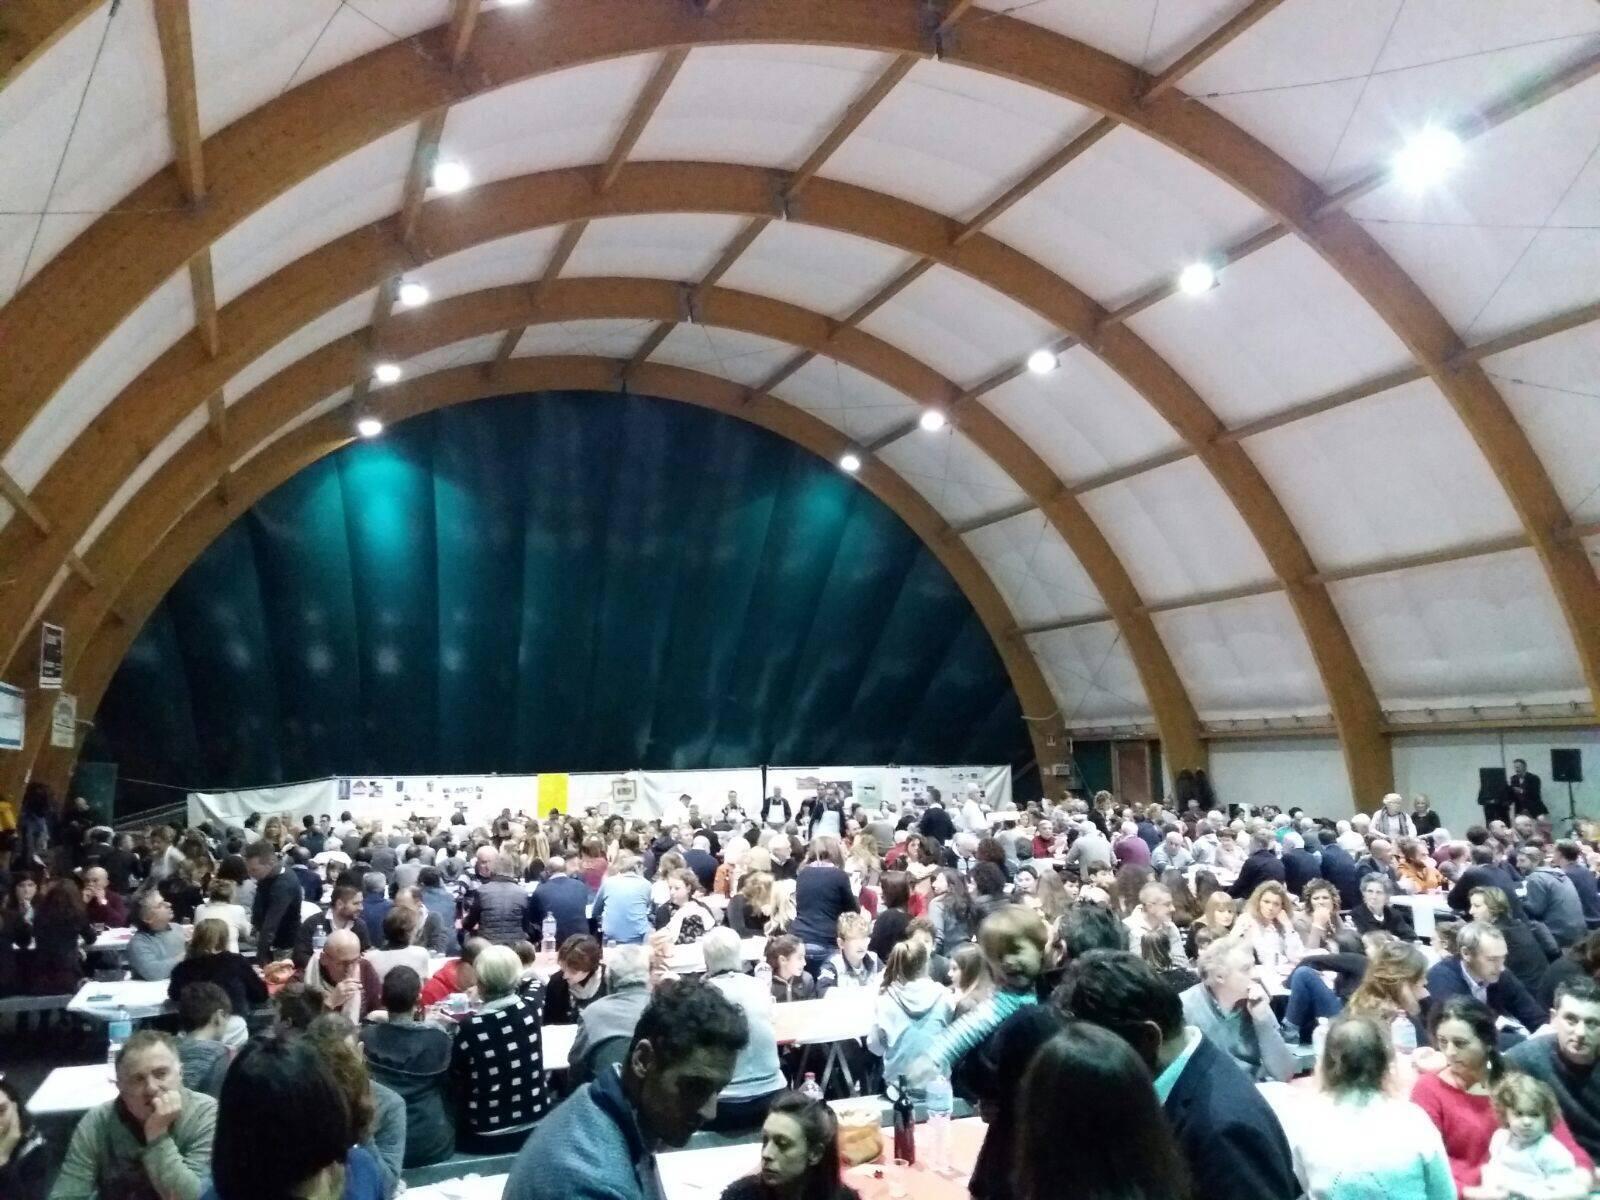 Si rinnova l'appuntamento con la Cena di Beneficienza a Castiglion Fiorentino: la data fissata è il 14 Dicembre